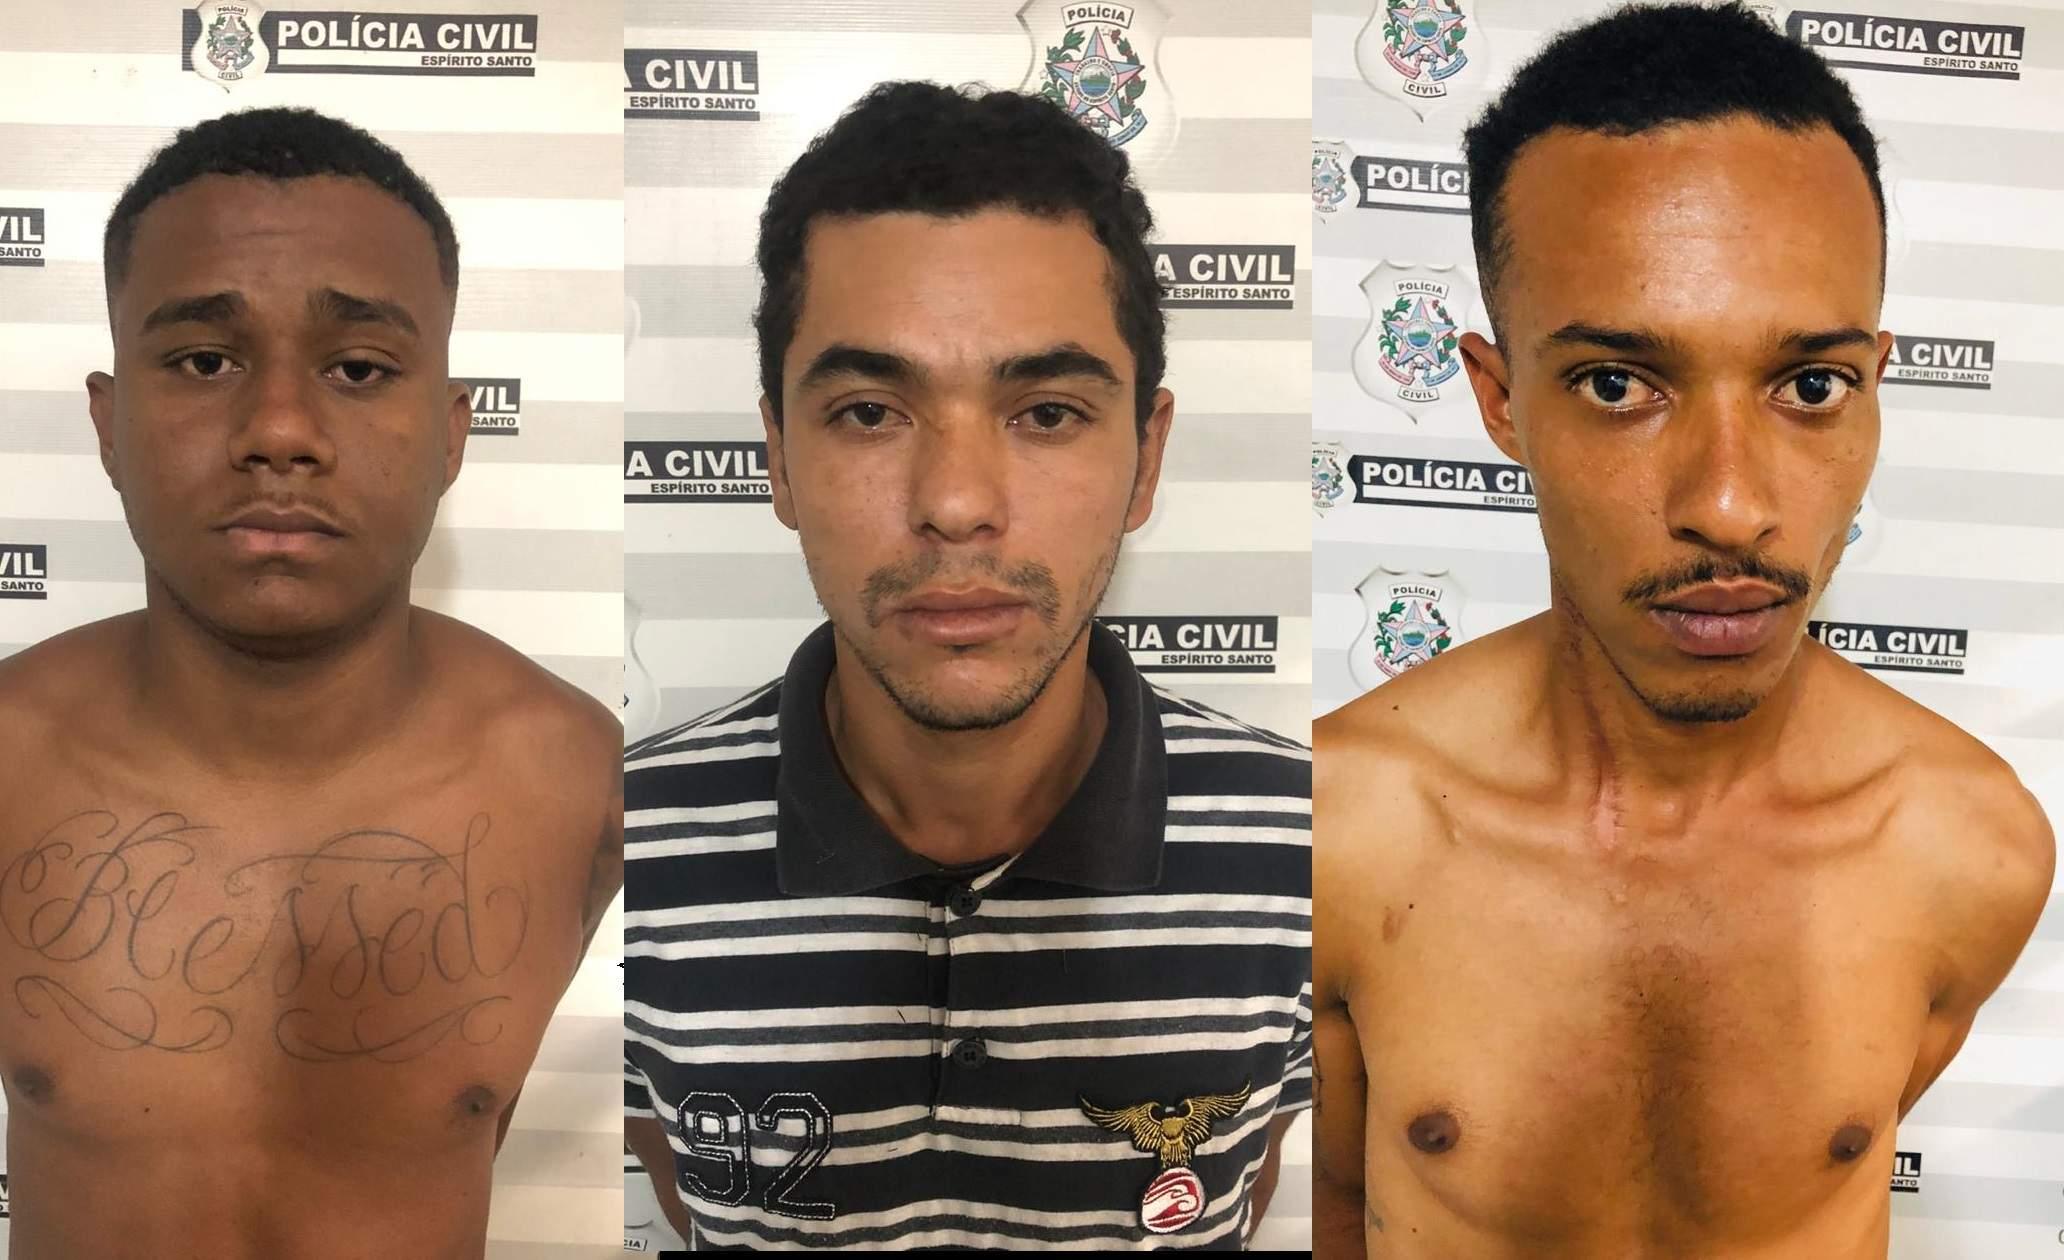 Polícia prende suspeitos de invadir ônibus para matar jovem na Serra - Jornal Folha Vitória